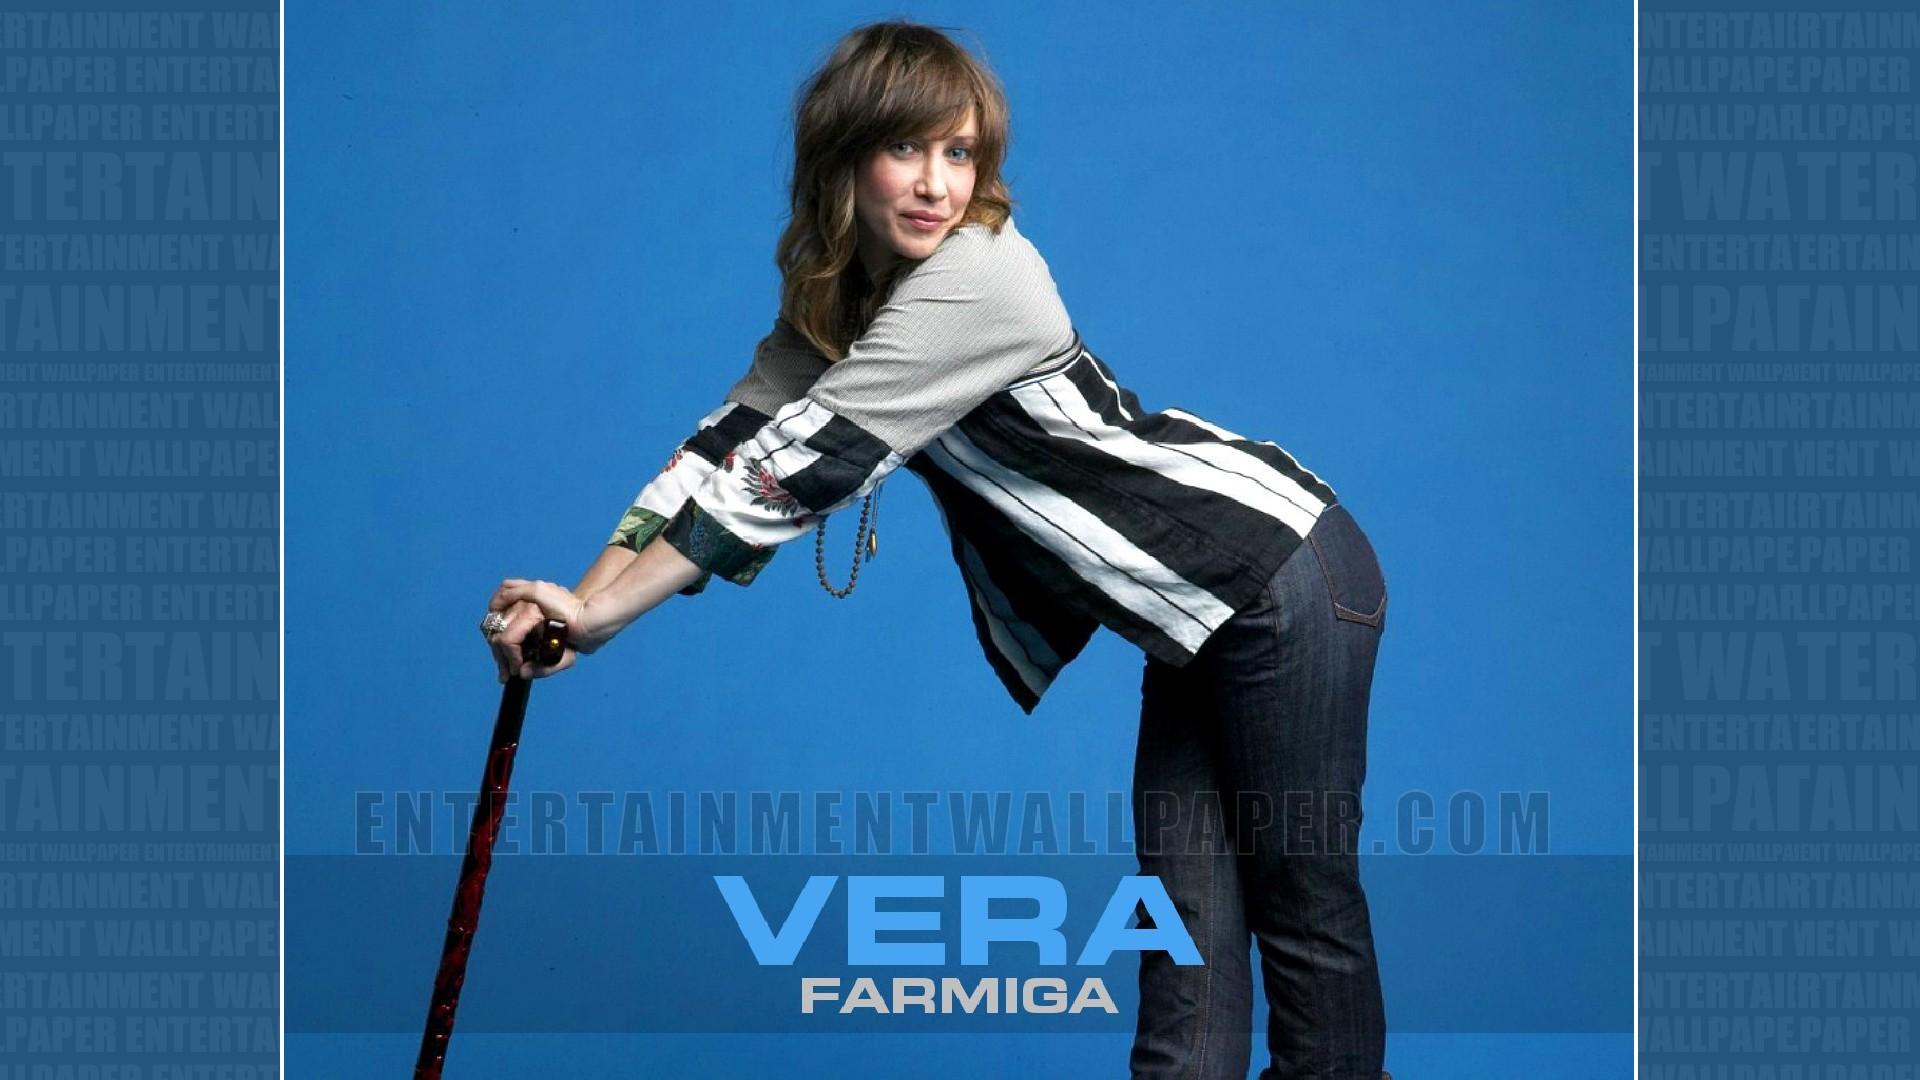 Vera Farmiga Wallpapers High Quality Download 1920x1080